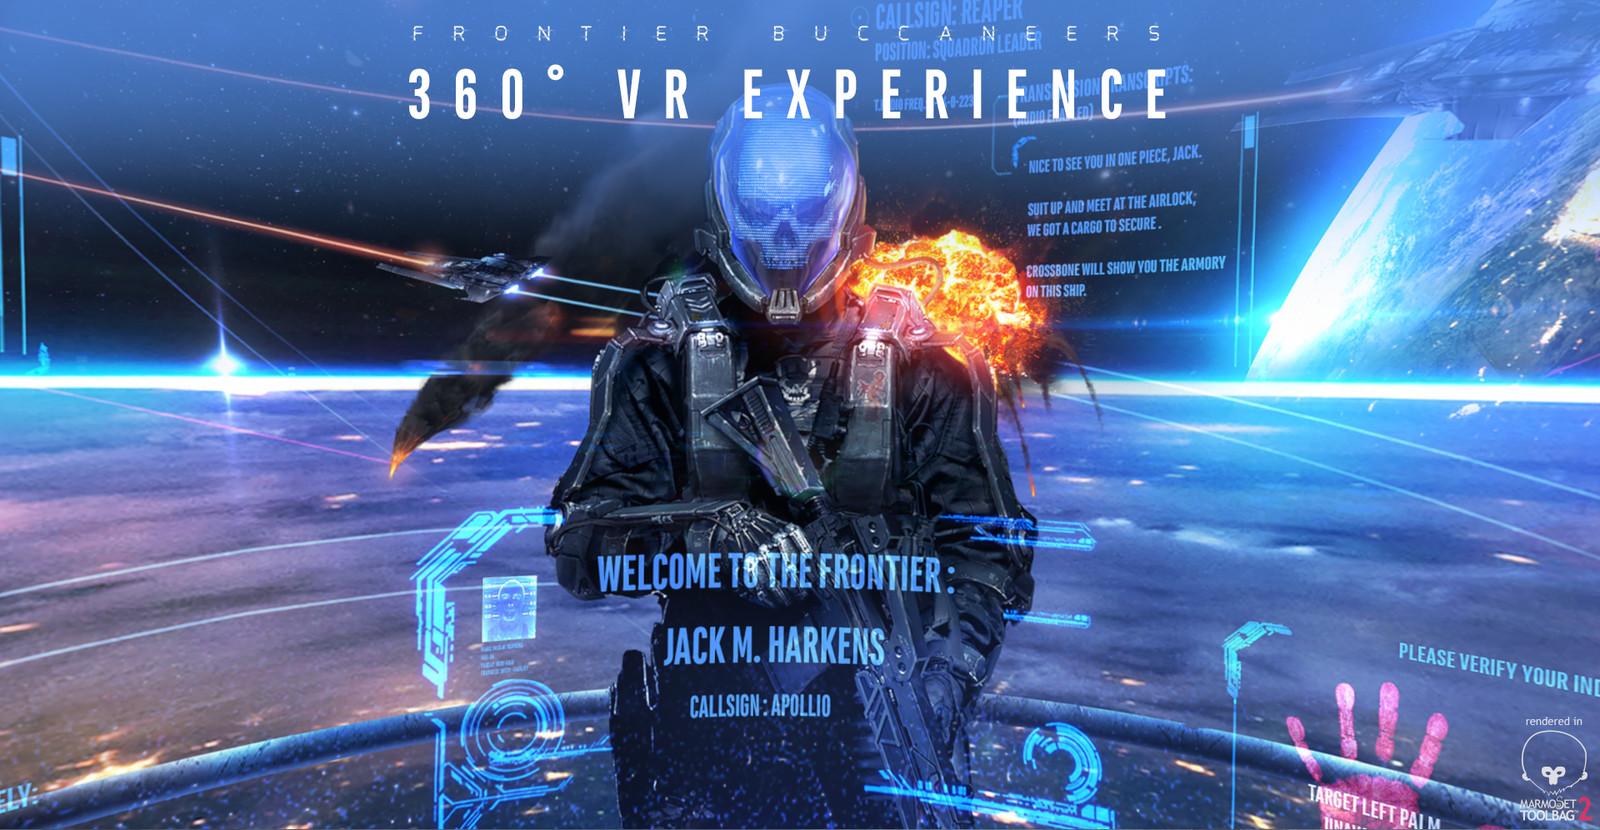 Frontier Buccaneers - 360 VR Experience version